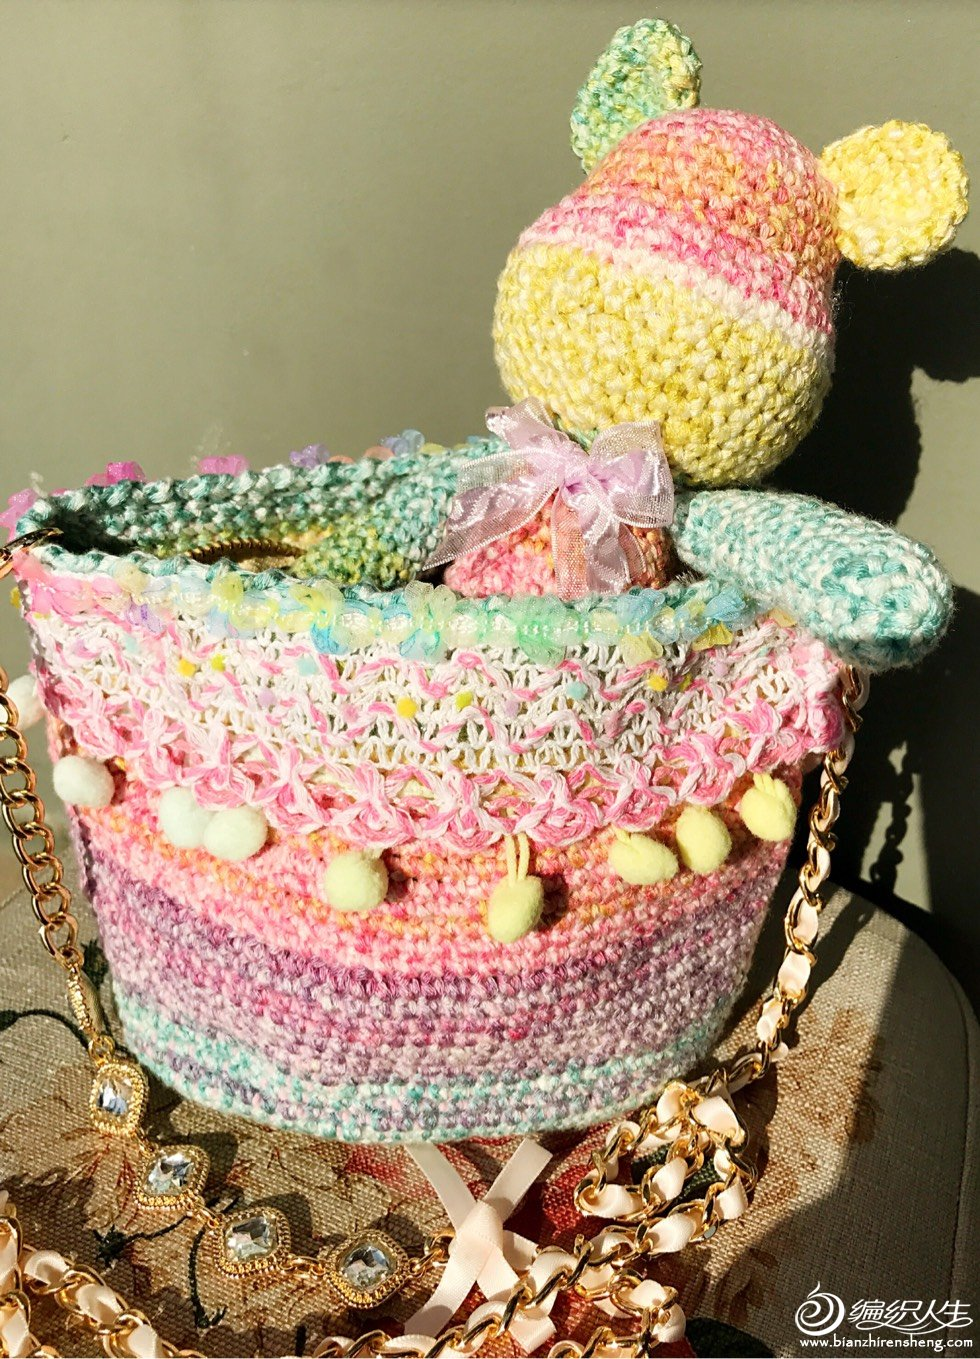 糖果色钩针织物